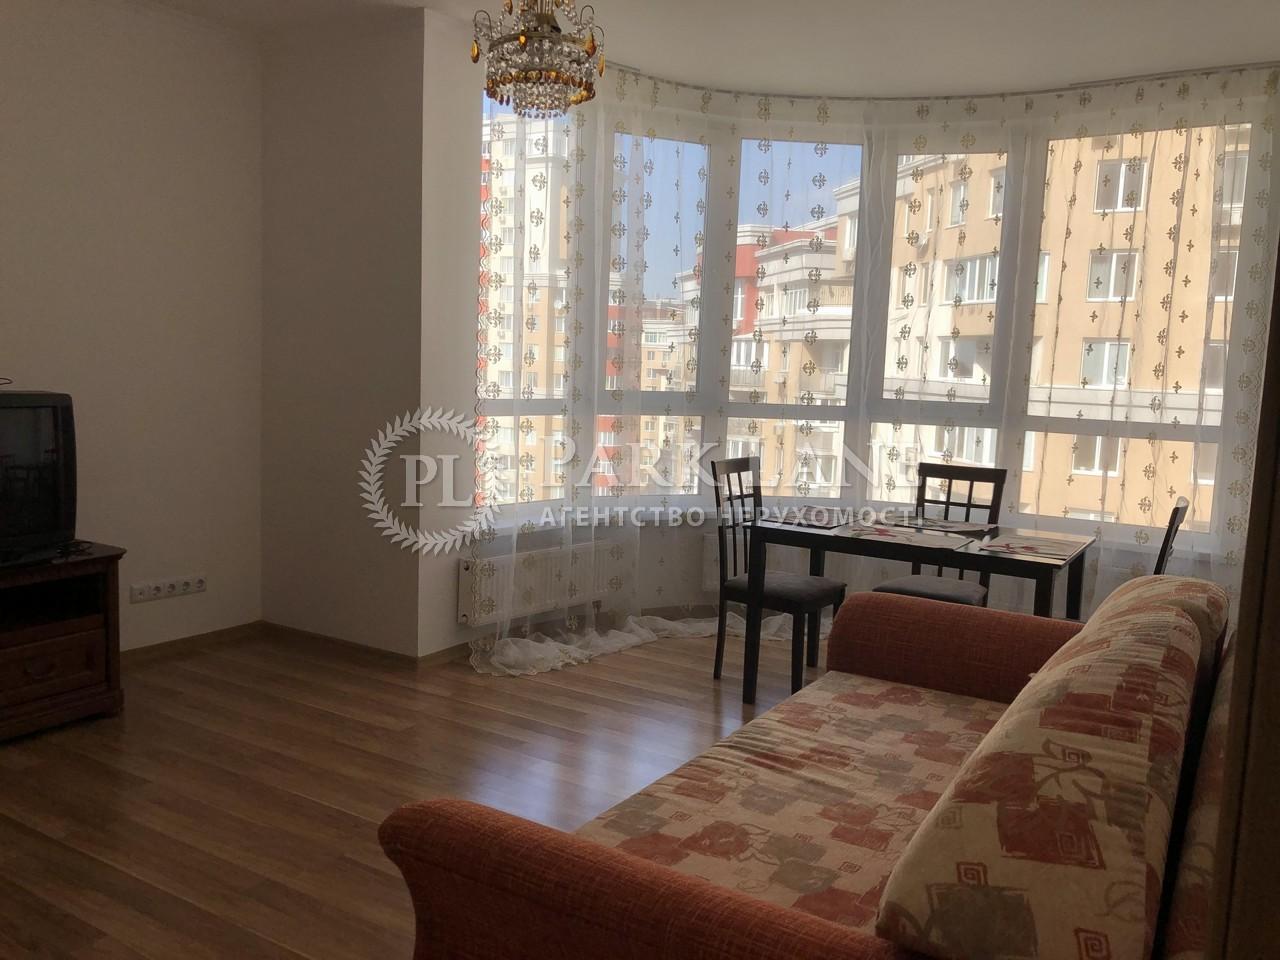 Квартира ул. Мейтуса Композитора, 4, Киев, Z-1393658 - Фото 5